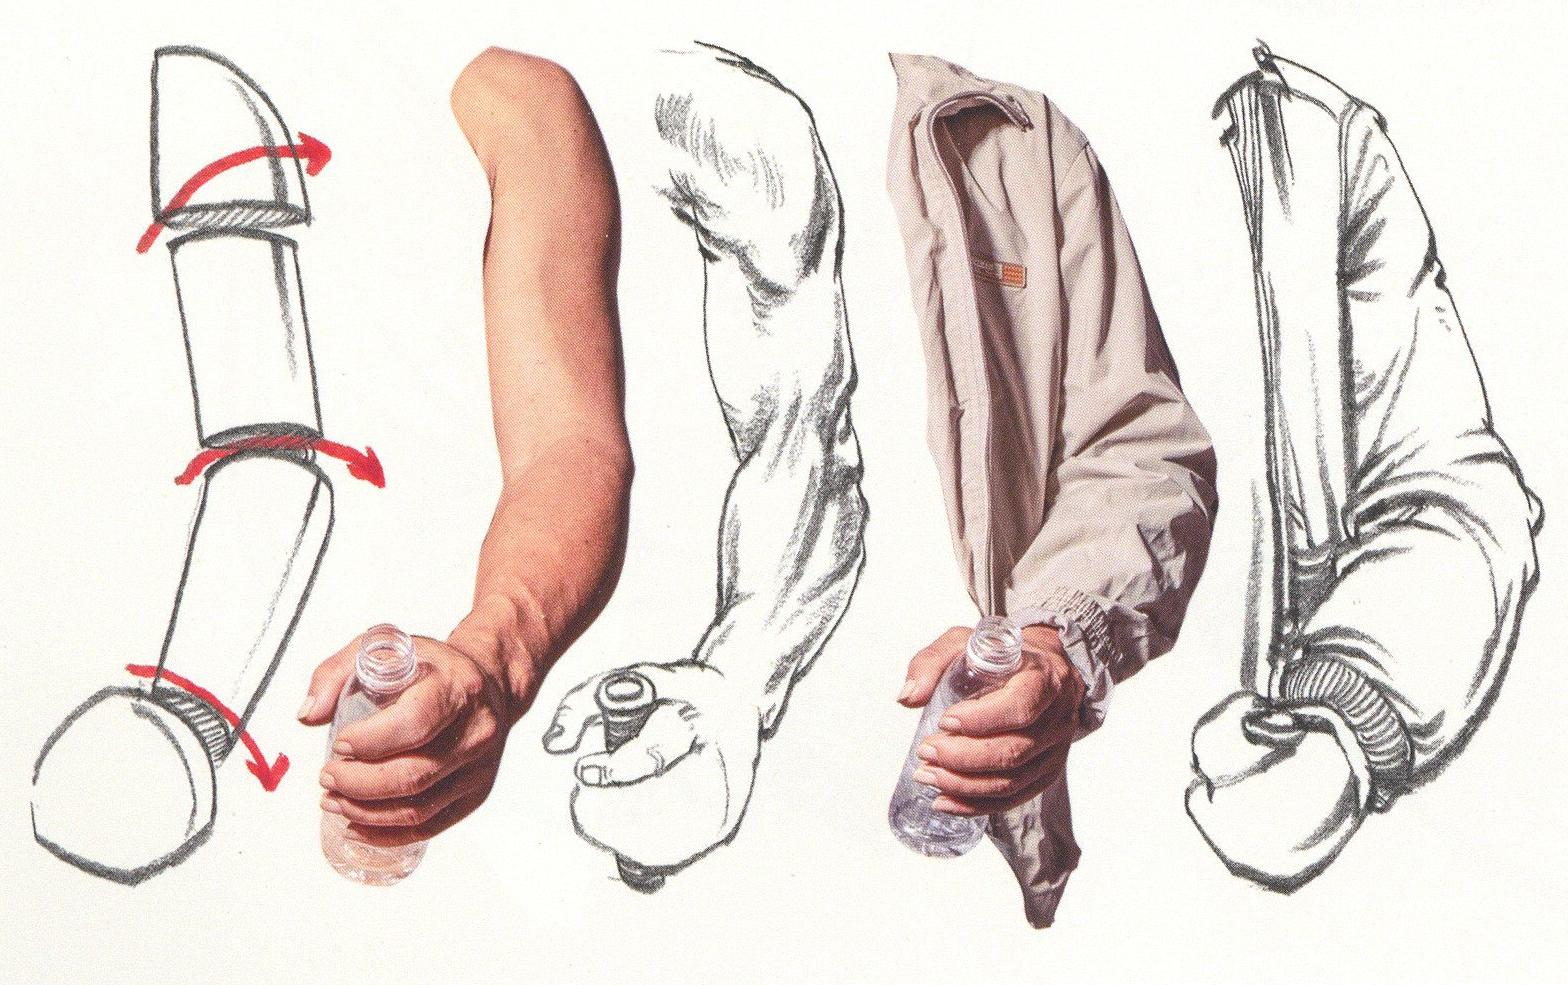 【高分干货】速写人物之衣褶穿插的表现方法